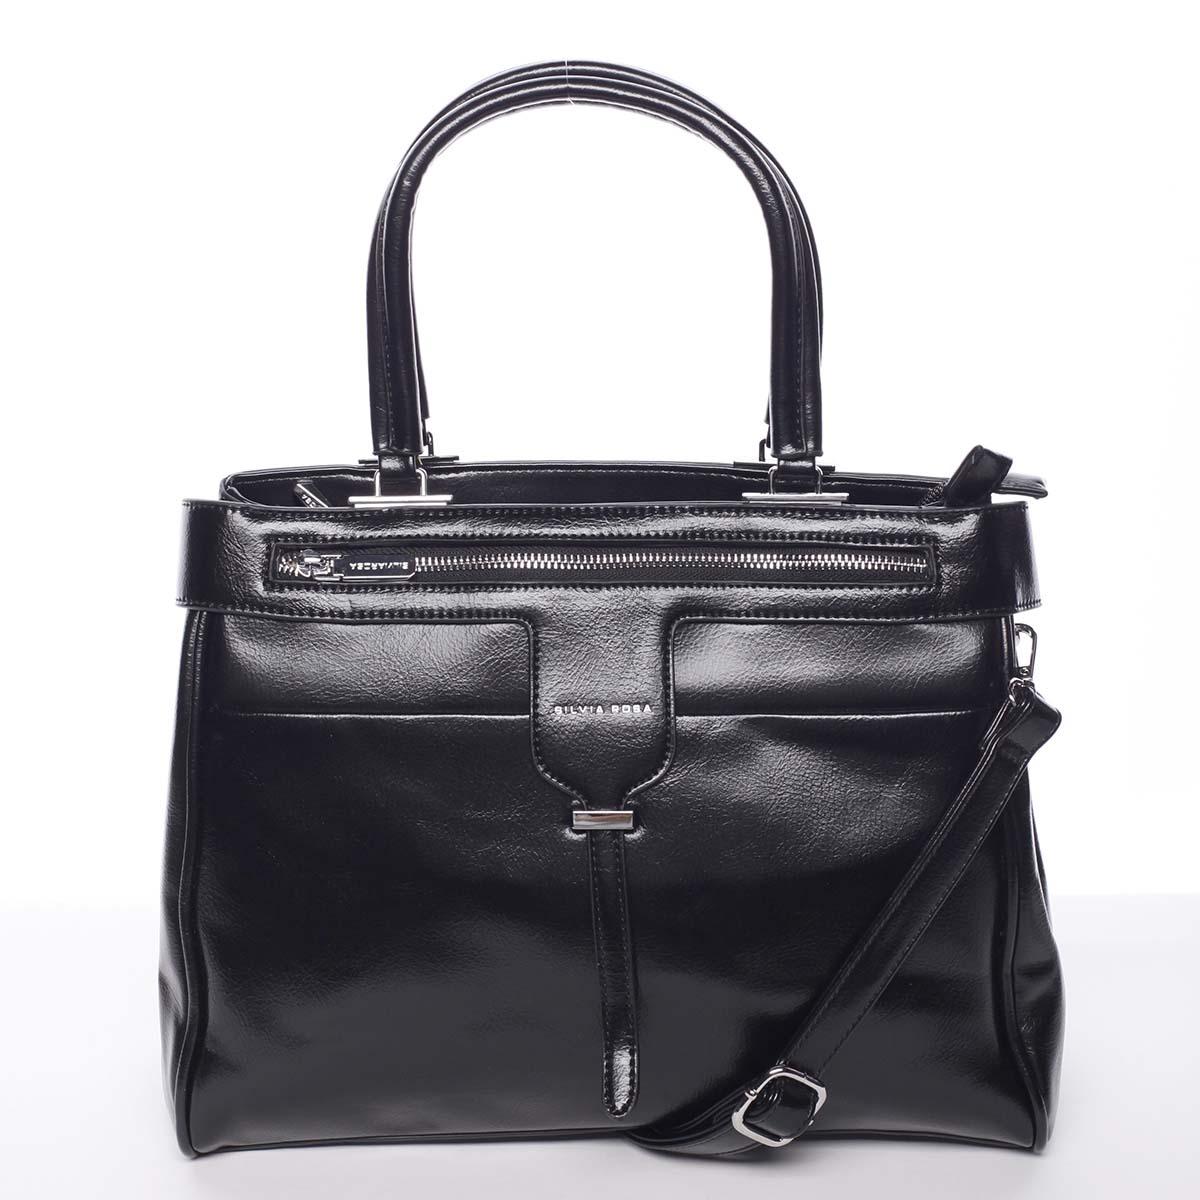 Luxusní moderní dámská černá kabelka do ruky - Silvia Rosa Venus